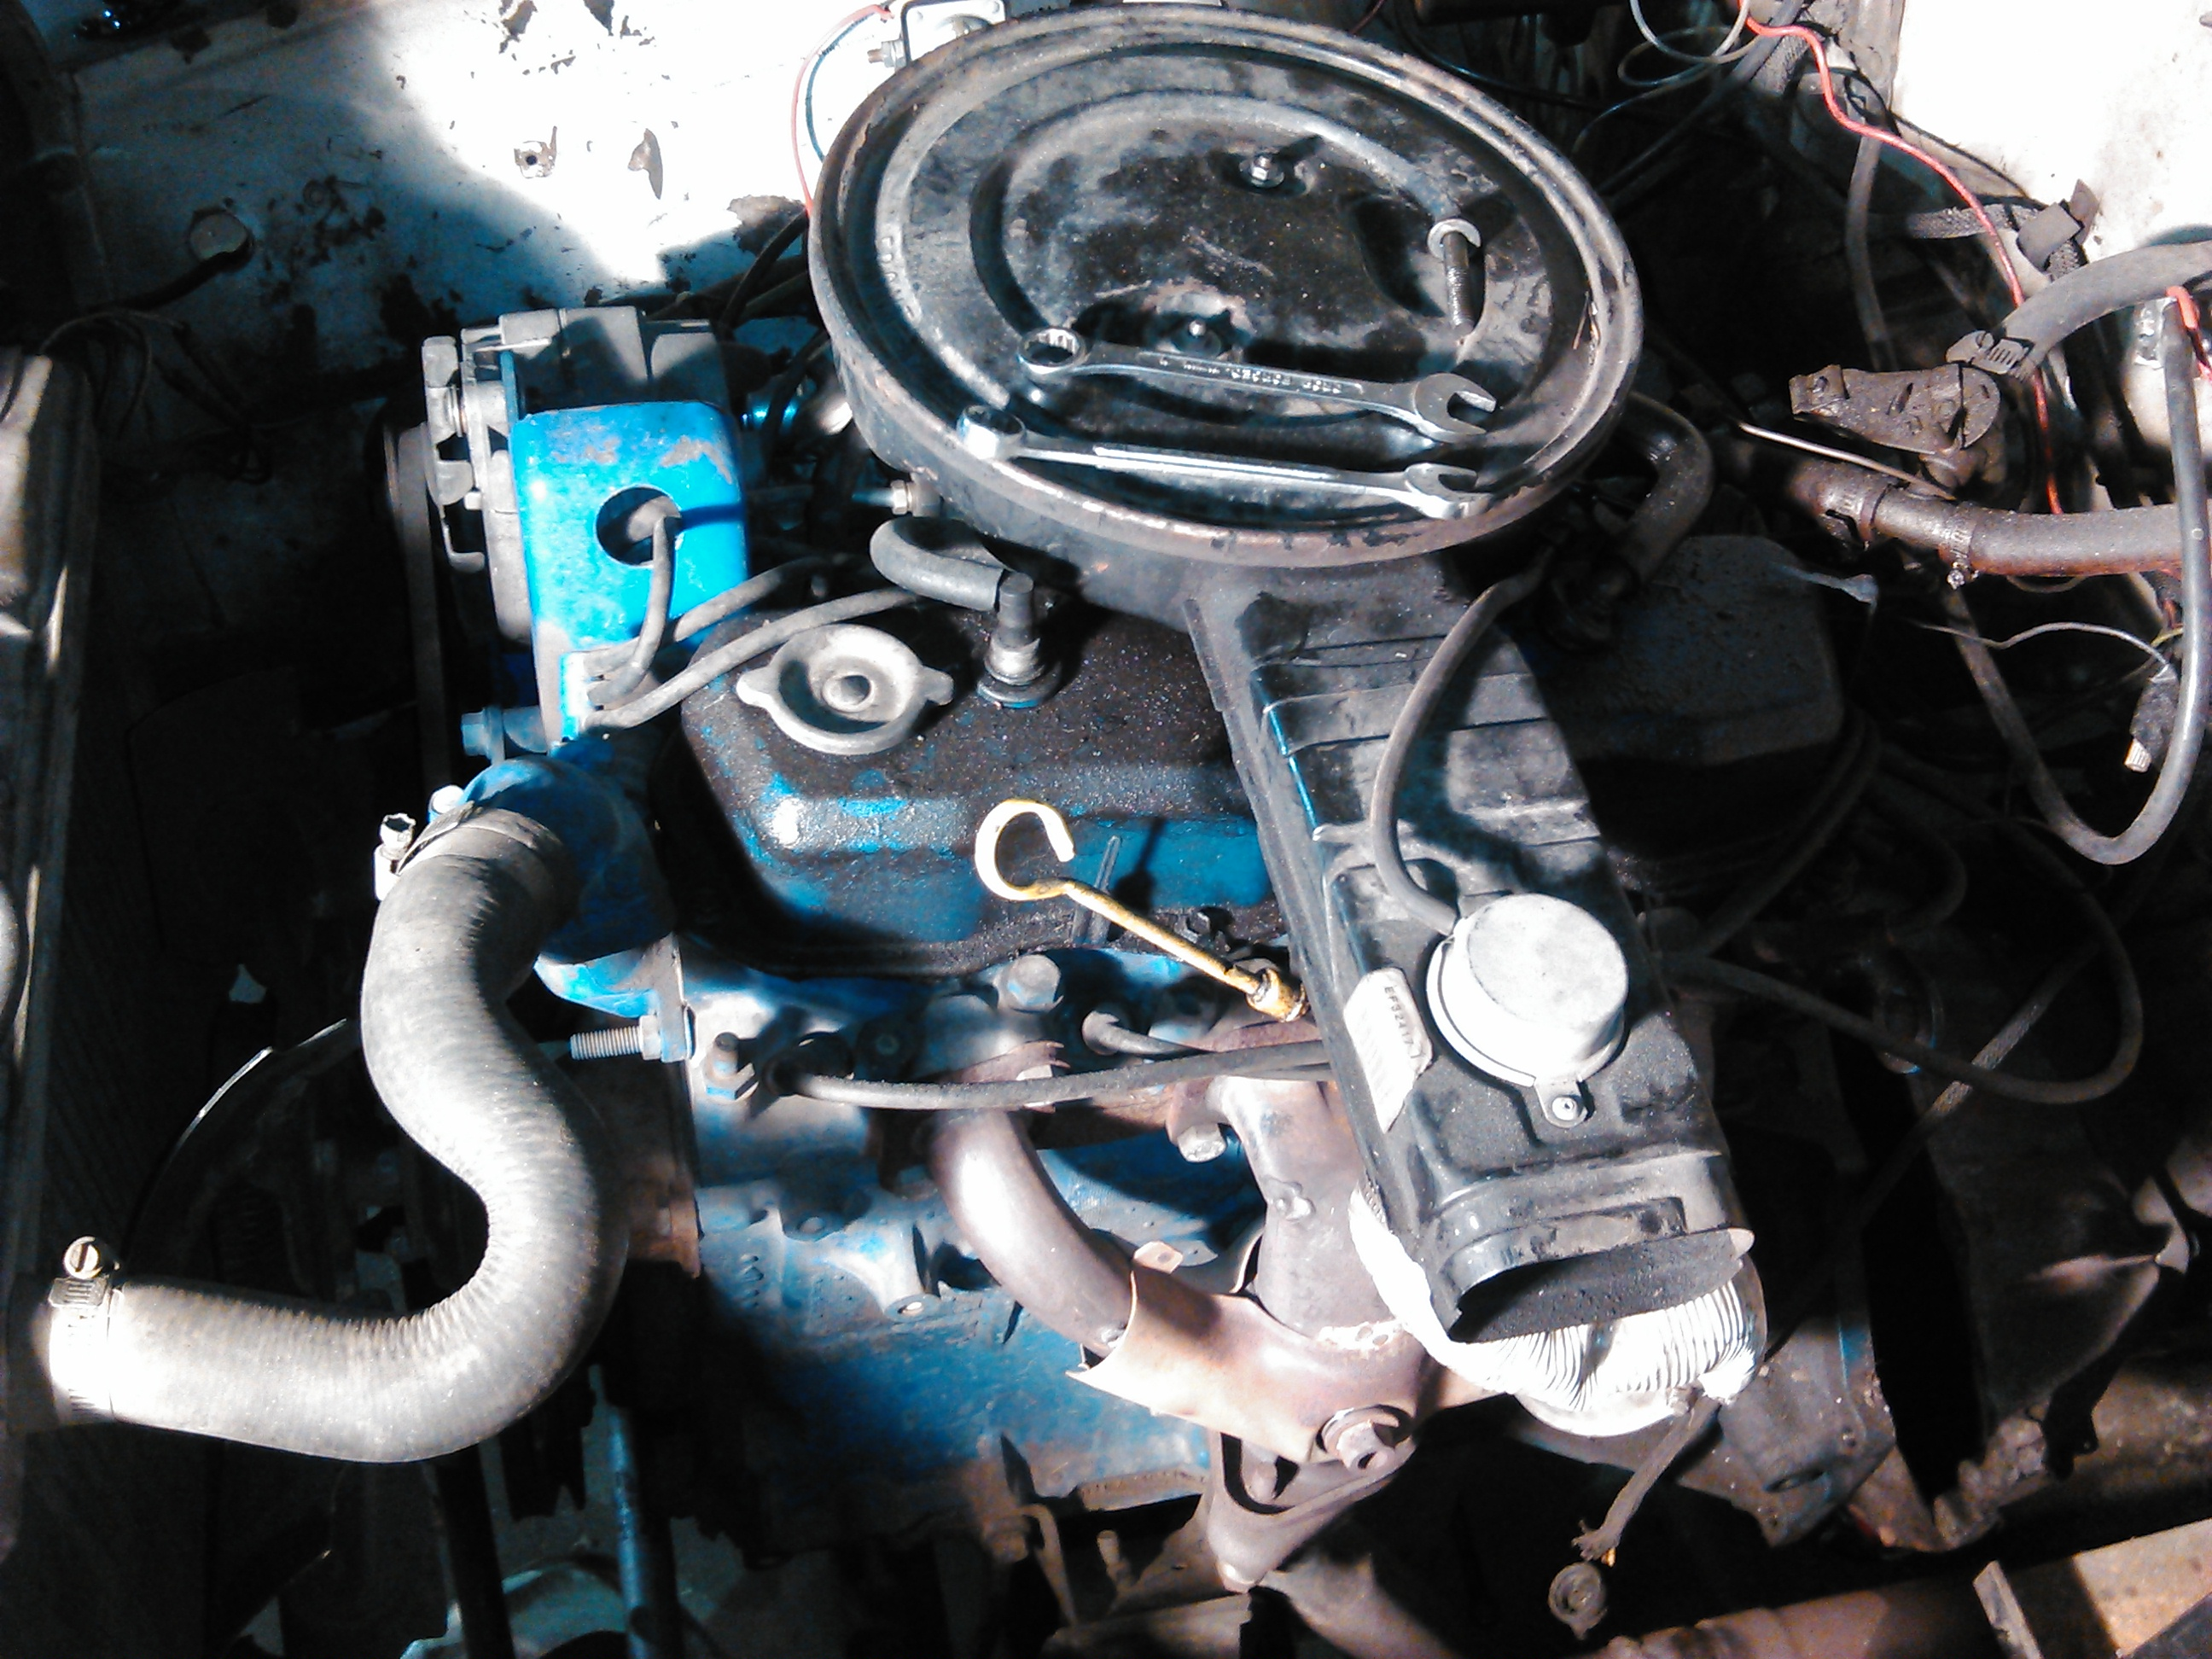 dj-engine-006.jpg